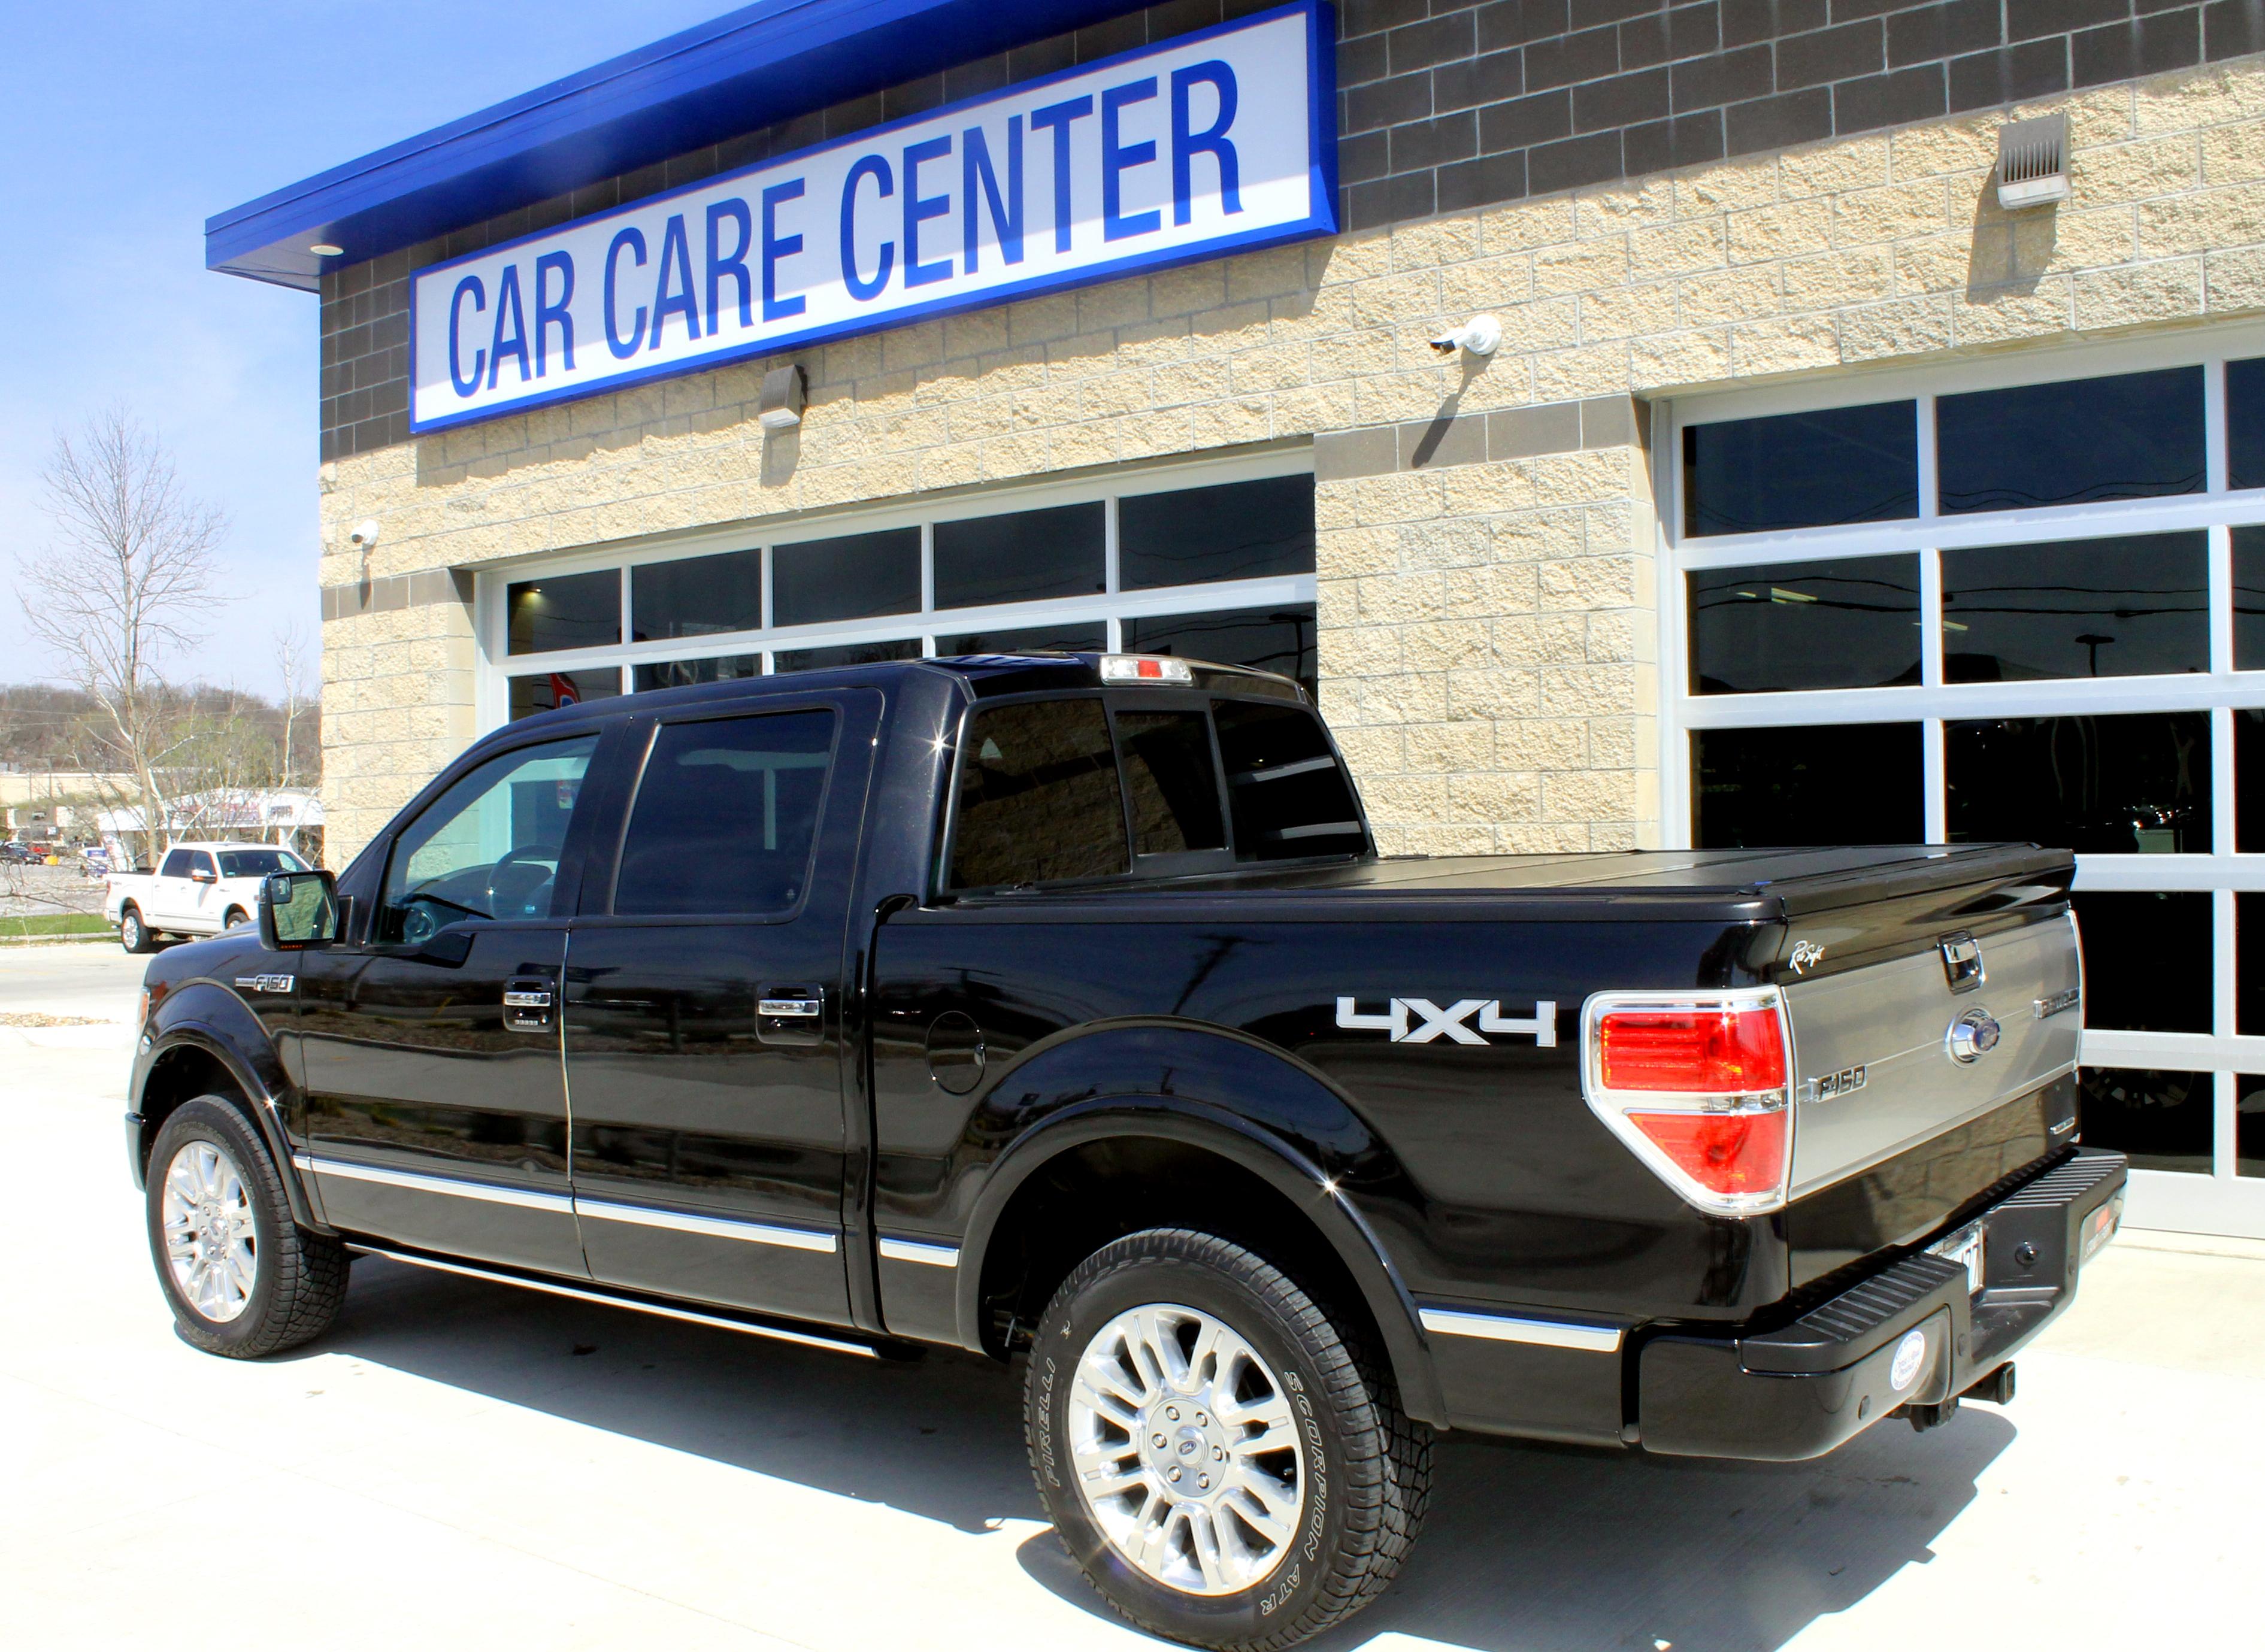 Car Wash 103 Car Care Center